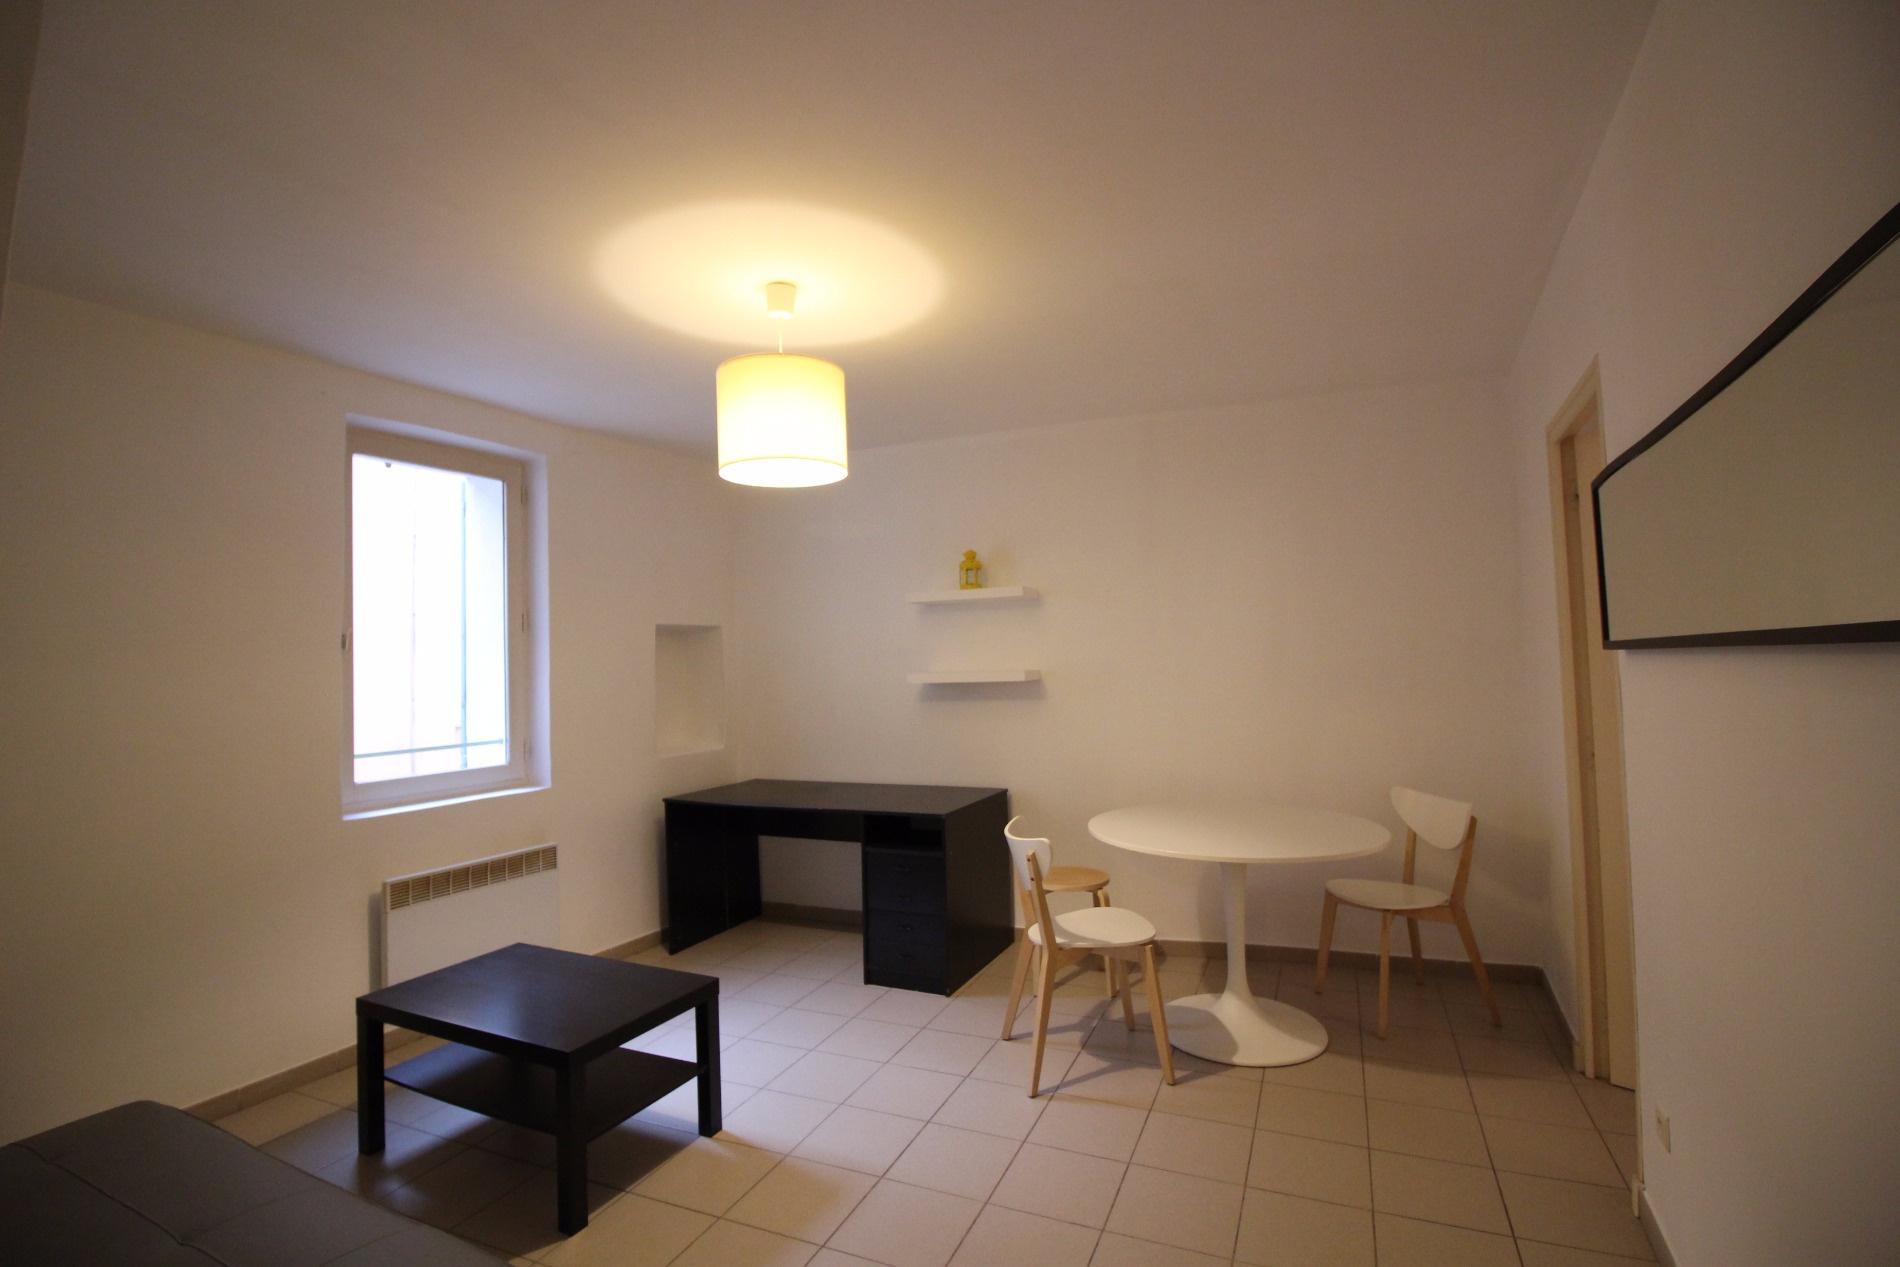 Vente appartement 2 pièces apt 84400